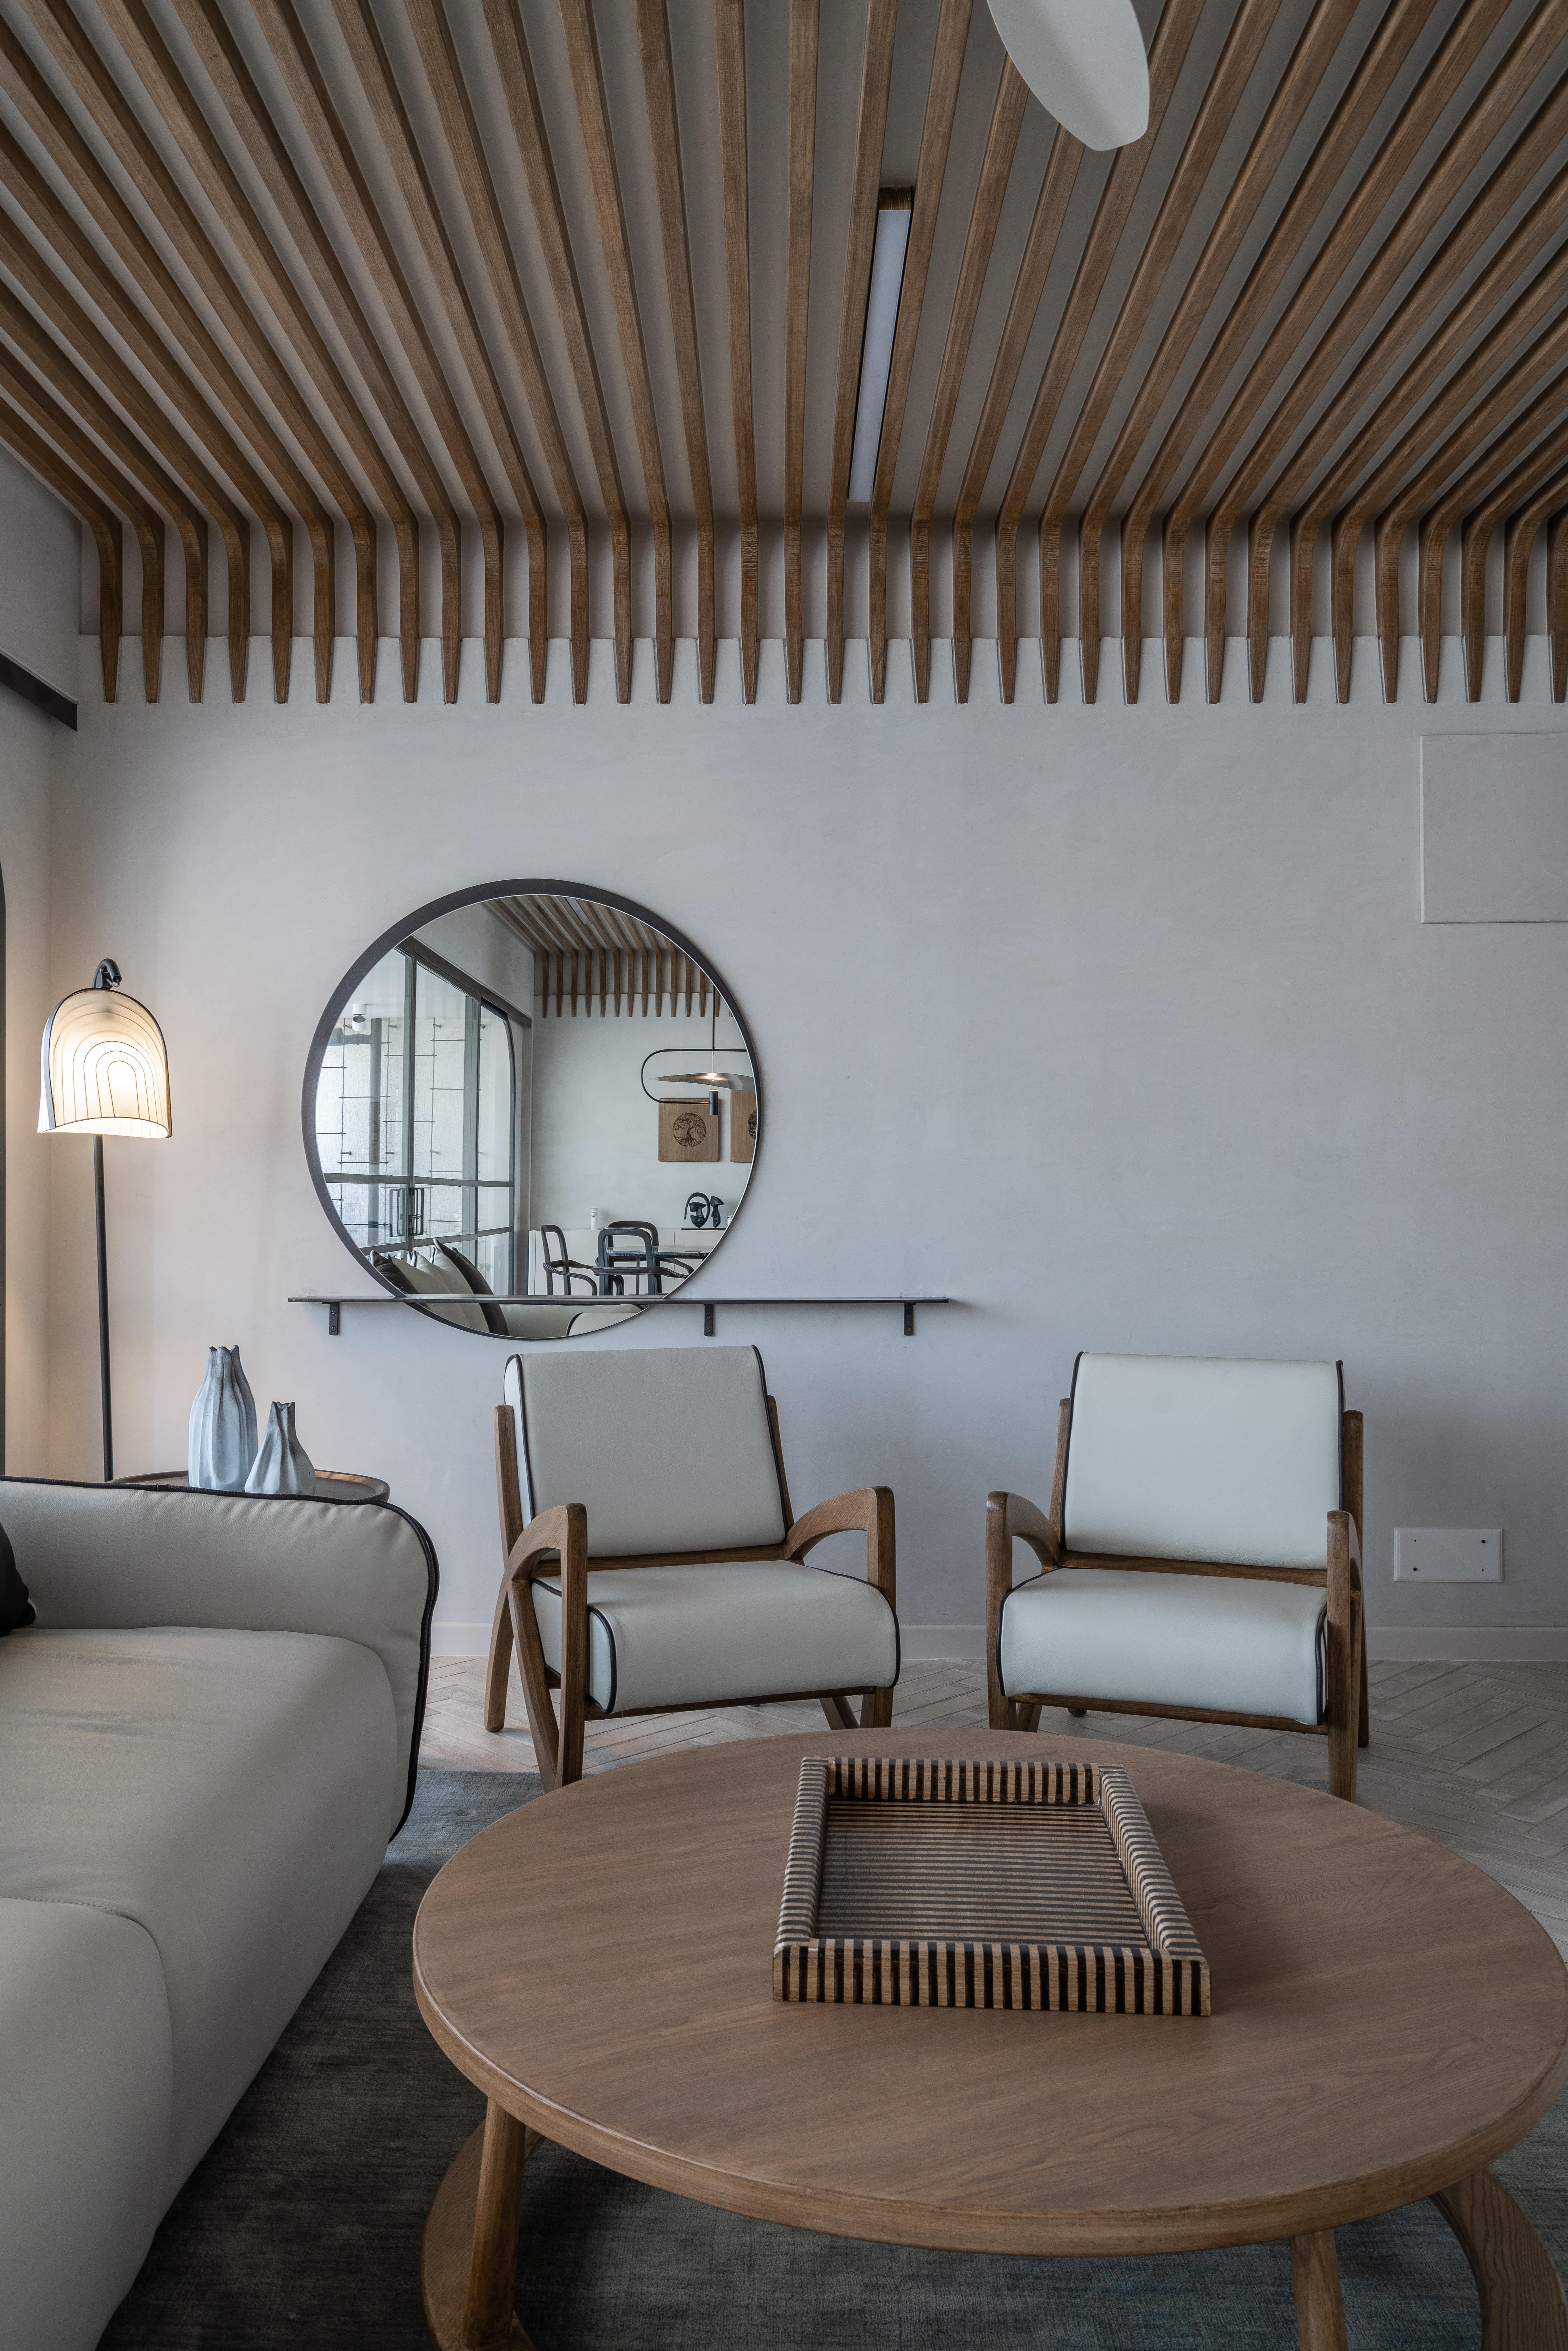 #livingroom #apartmentdesign #designerscircle #minimaldesign #luxuryinterior #scandanavianinterior #Ahmedabad